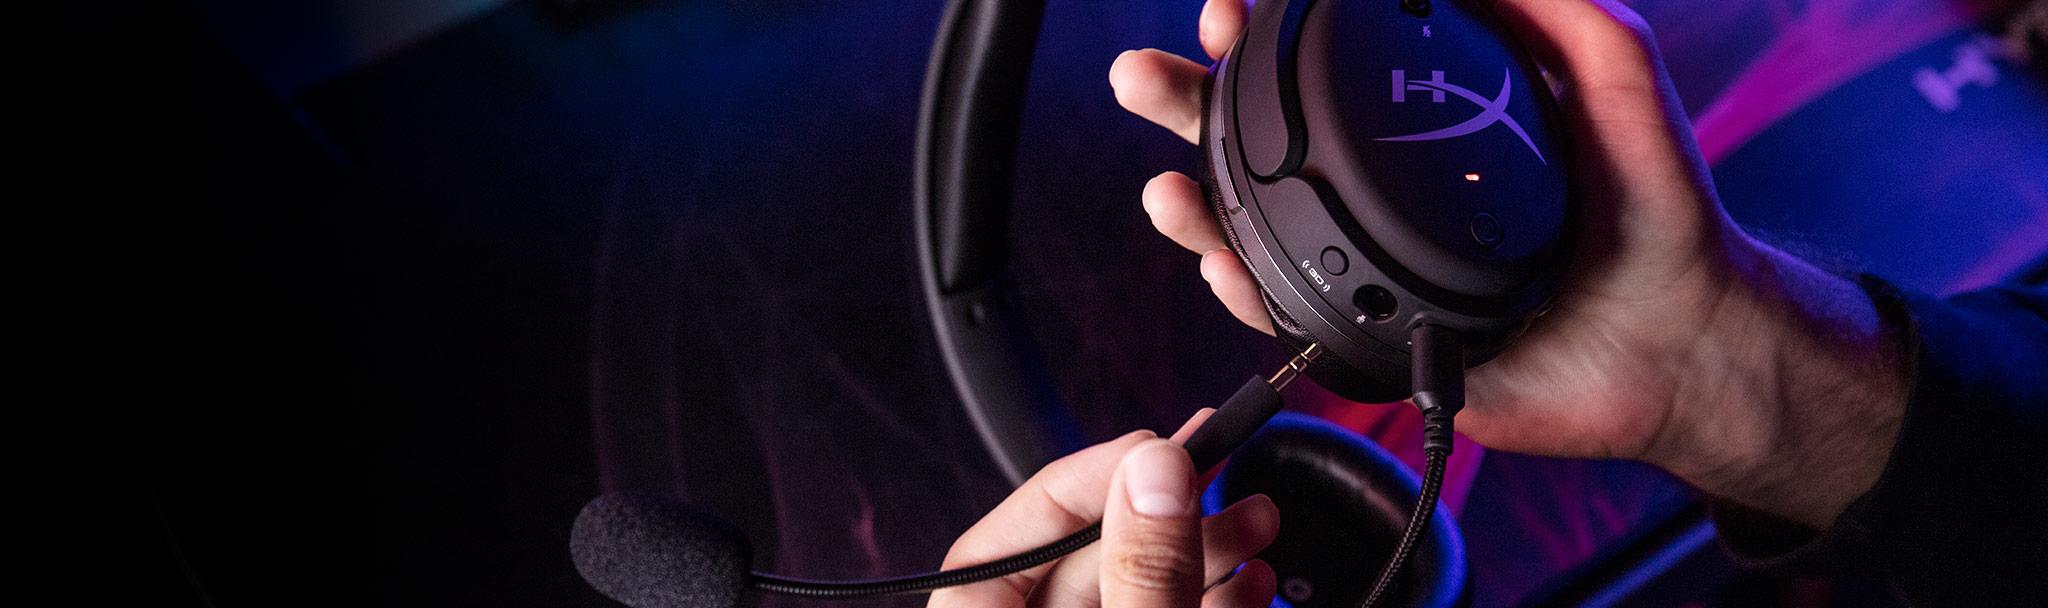 Tai nghe Kingston HyperX Cloud Orbit S Gaming Black (HX-HSCOS-GM/WW) trang bị micro với tính năng lọc tạp âm tốt